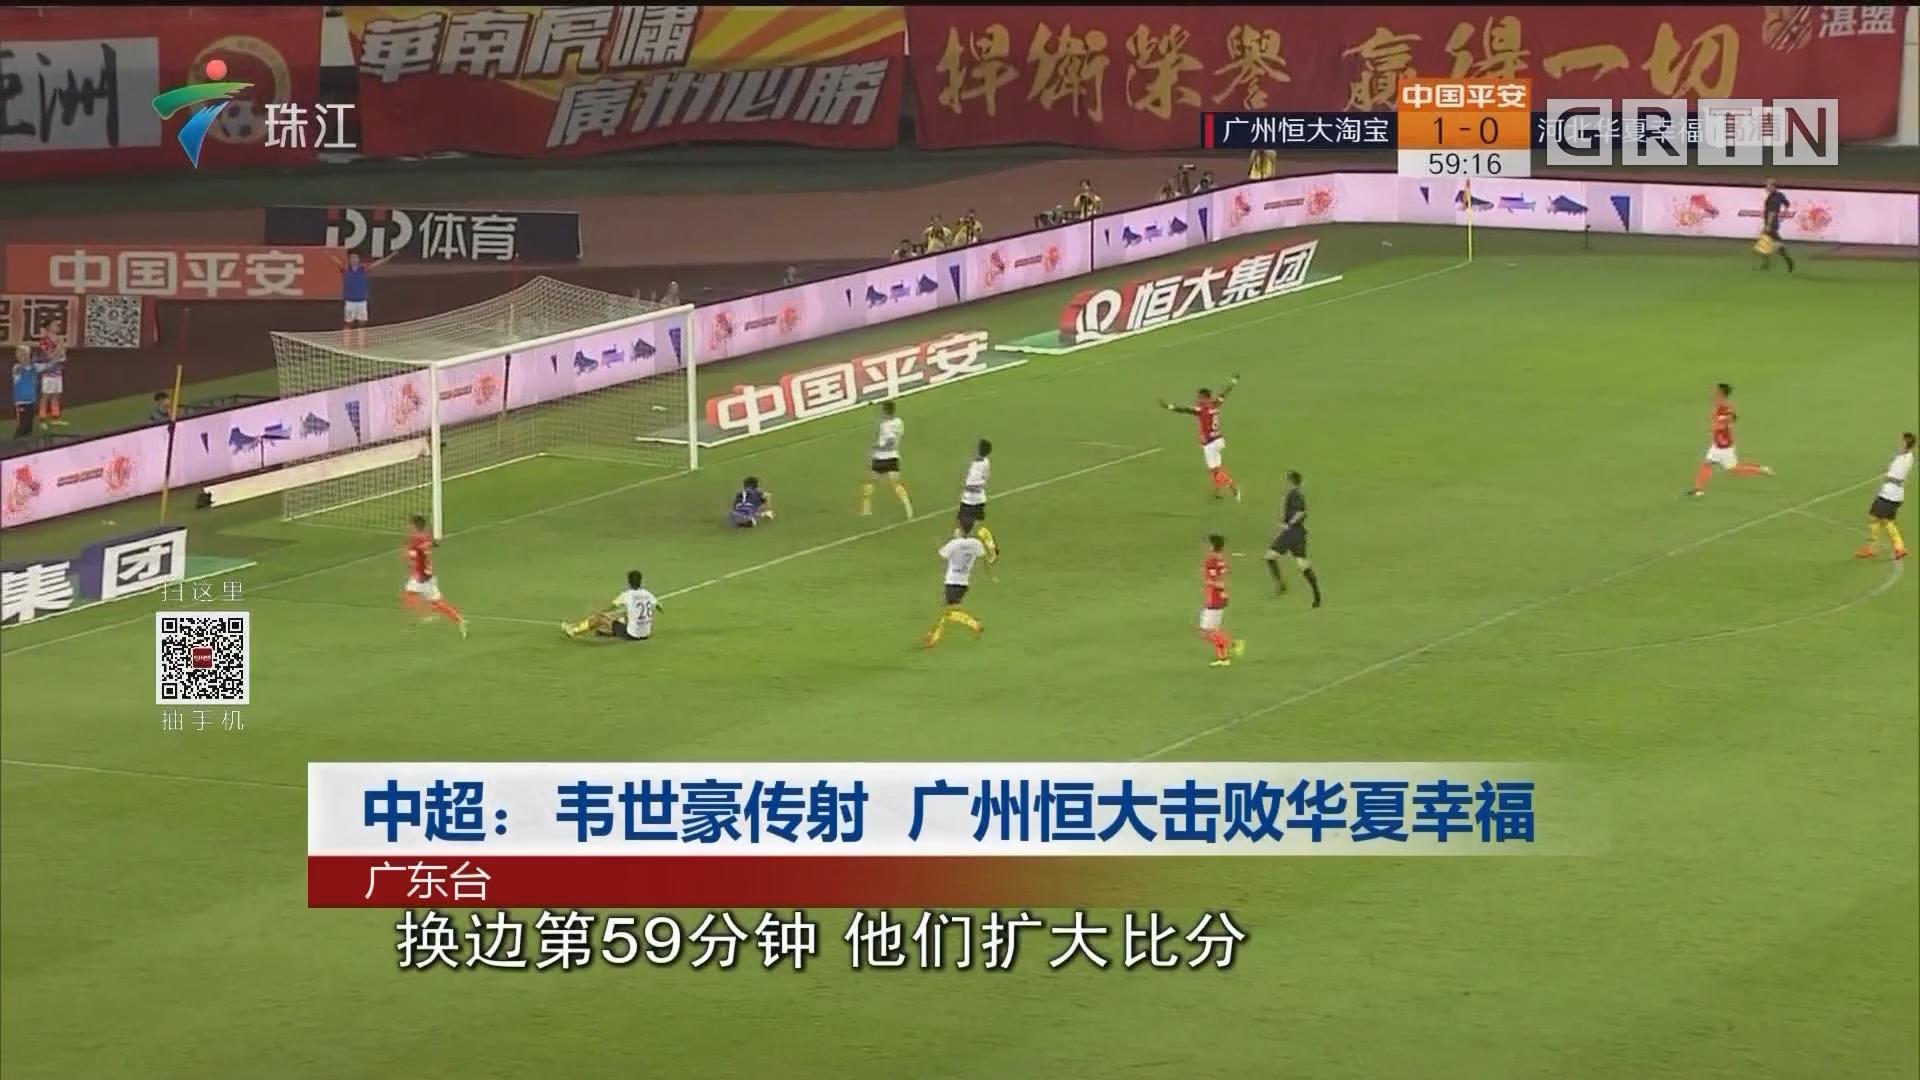 中超:韦世豪传射 广州恒大击败华夏幸福